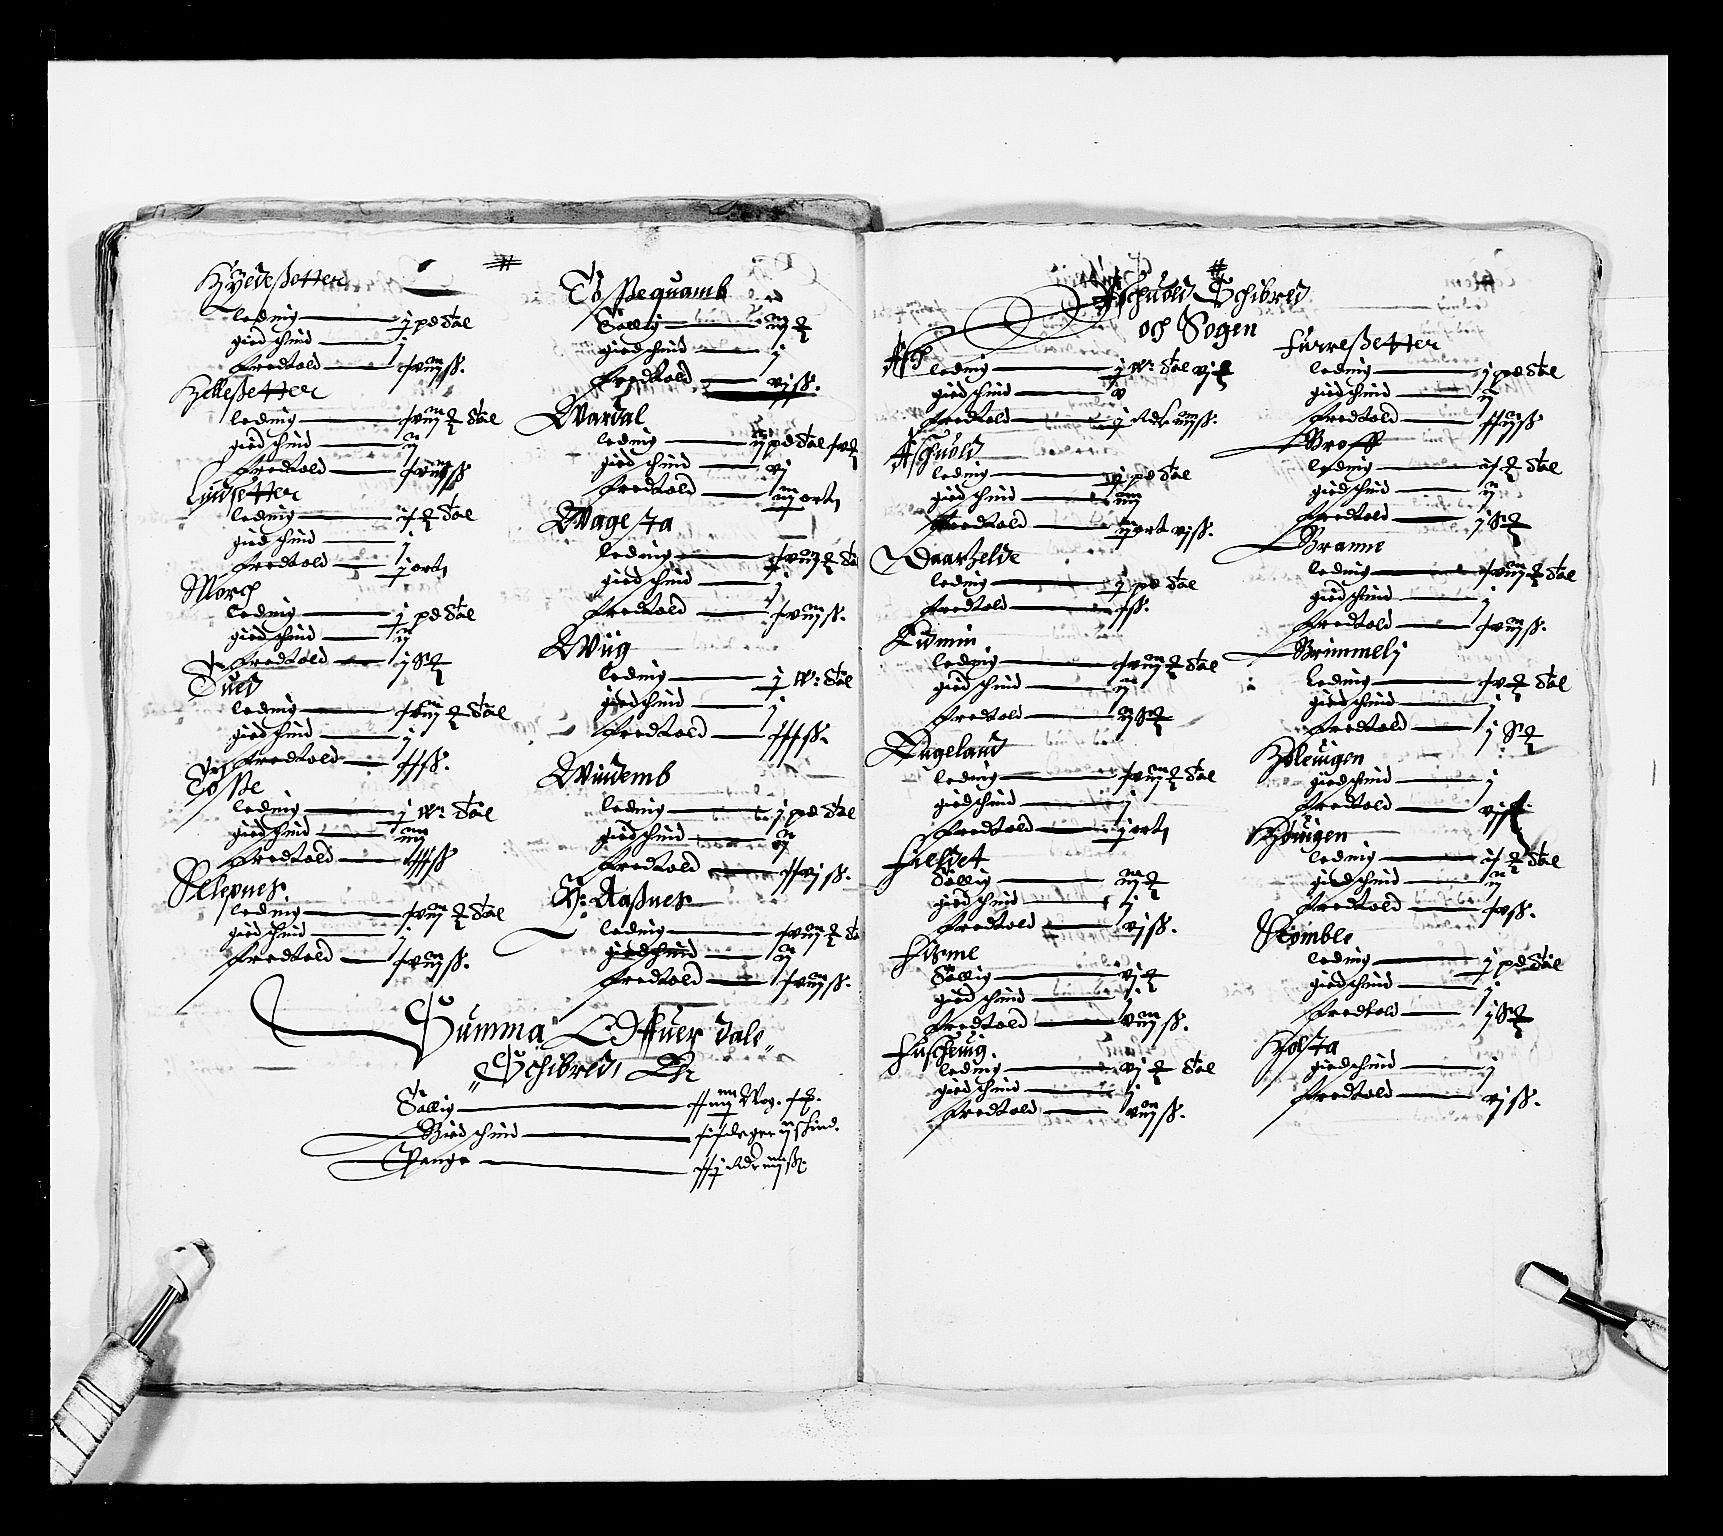 RA, Stattholderembetet 1572-1771, Ek/L0025: Jordebøker 1633-1658:, 1645-1646, s. 177